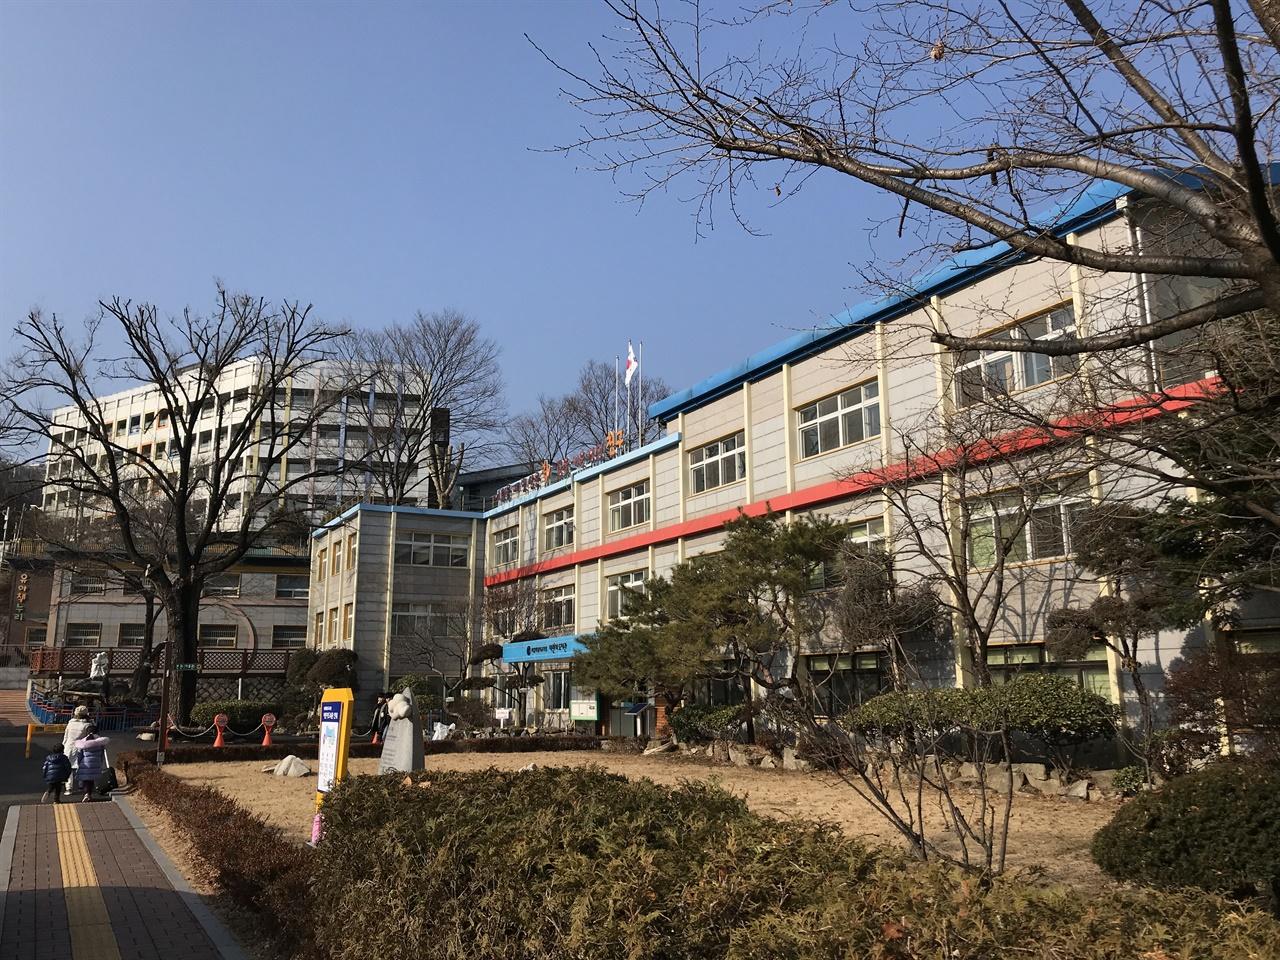 서울특별시교육청 어린이도서관 1979년 문을 연 가장 오래된 어린이도서관. '서울시립어린이도서관'이라 불리다가 2017년 2월 1일부터 '서울특별시교육청 어린이도서관'으로 이름을 바꿨다. 3개 건물로 구성된 도서관으로 장서량이 가장 많은 어린이도서관이다.